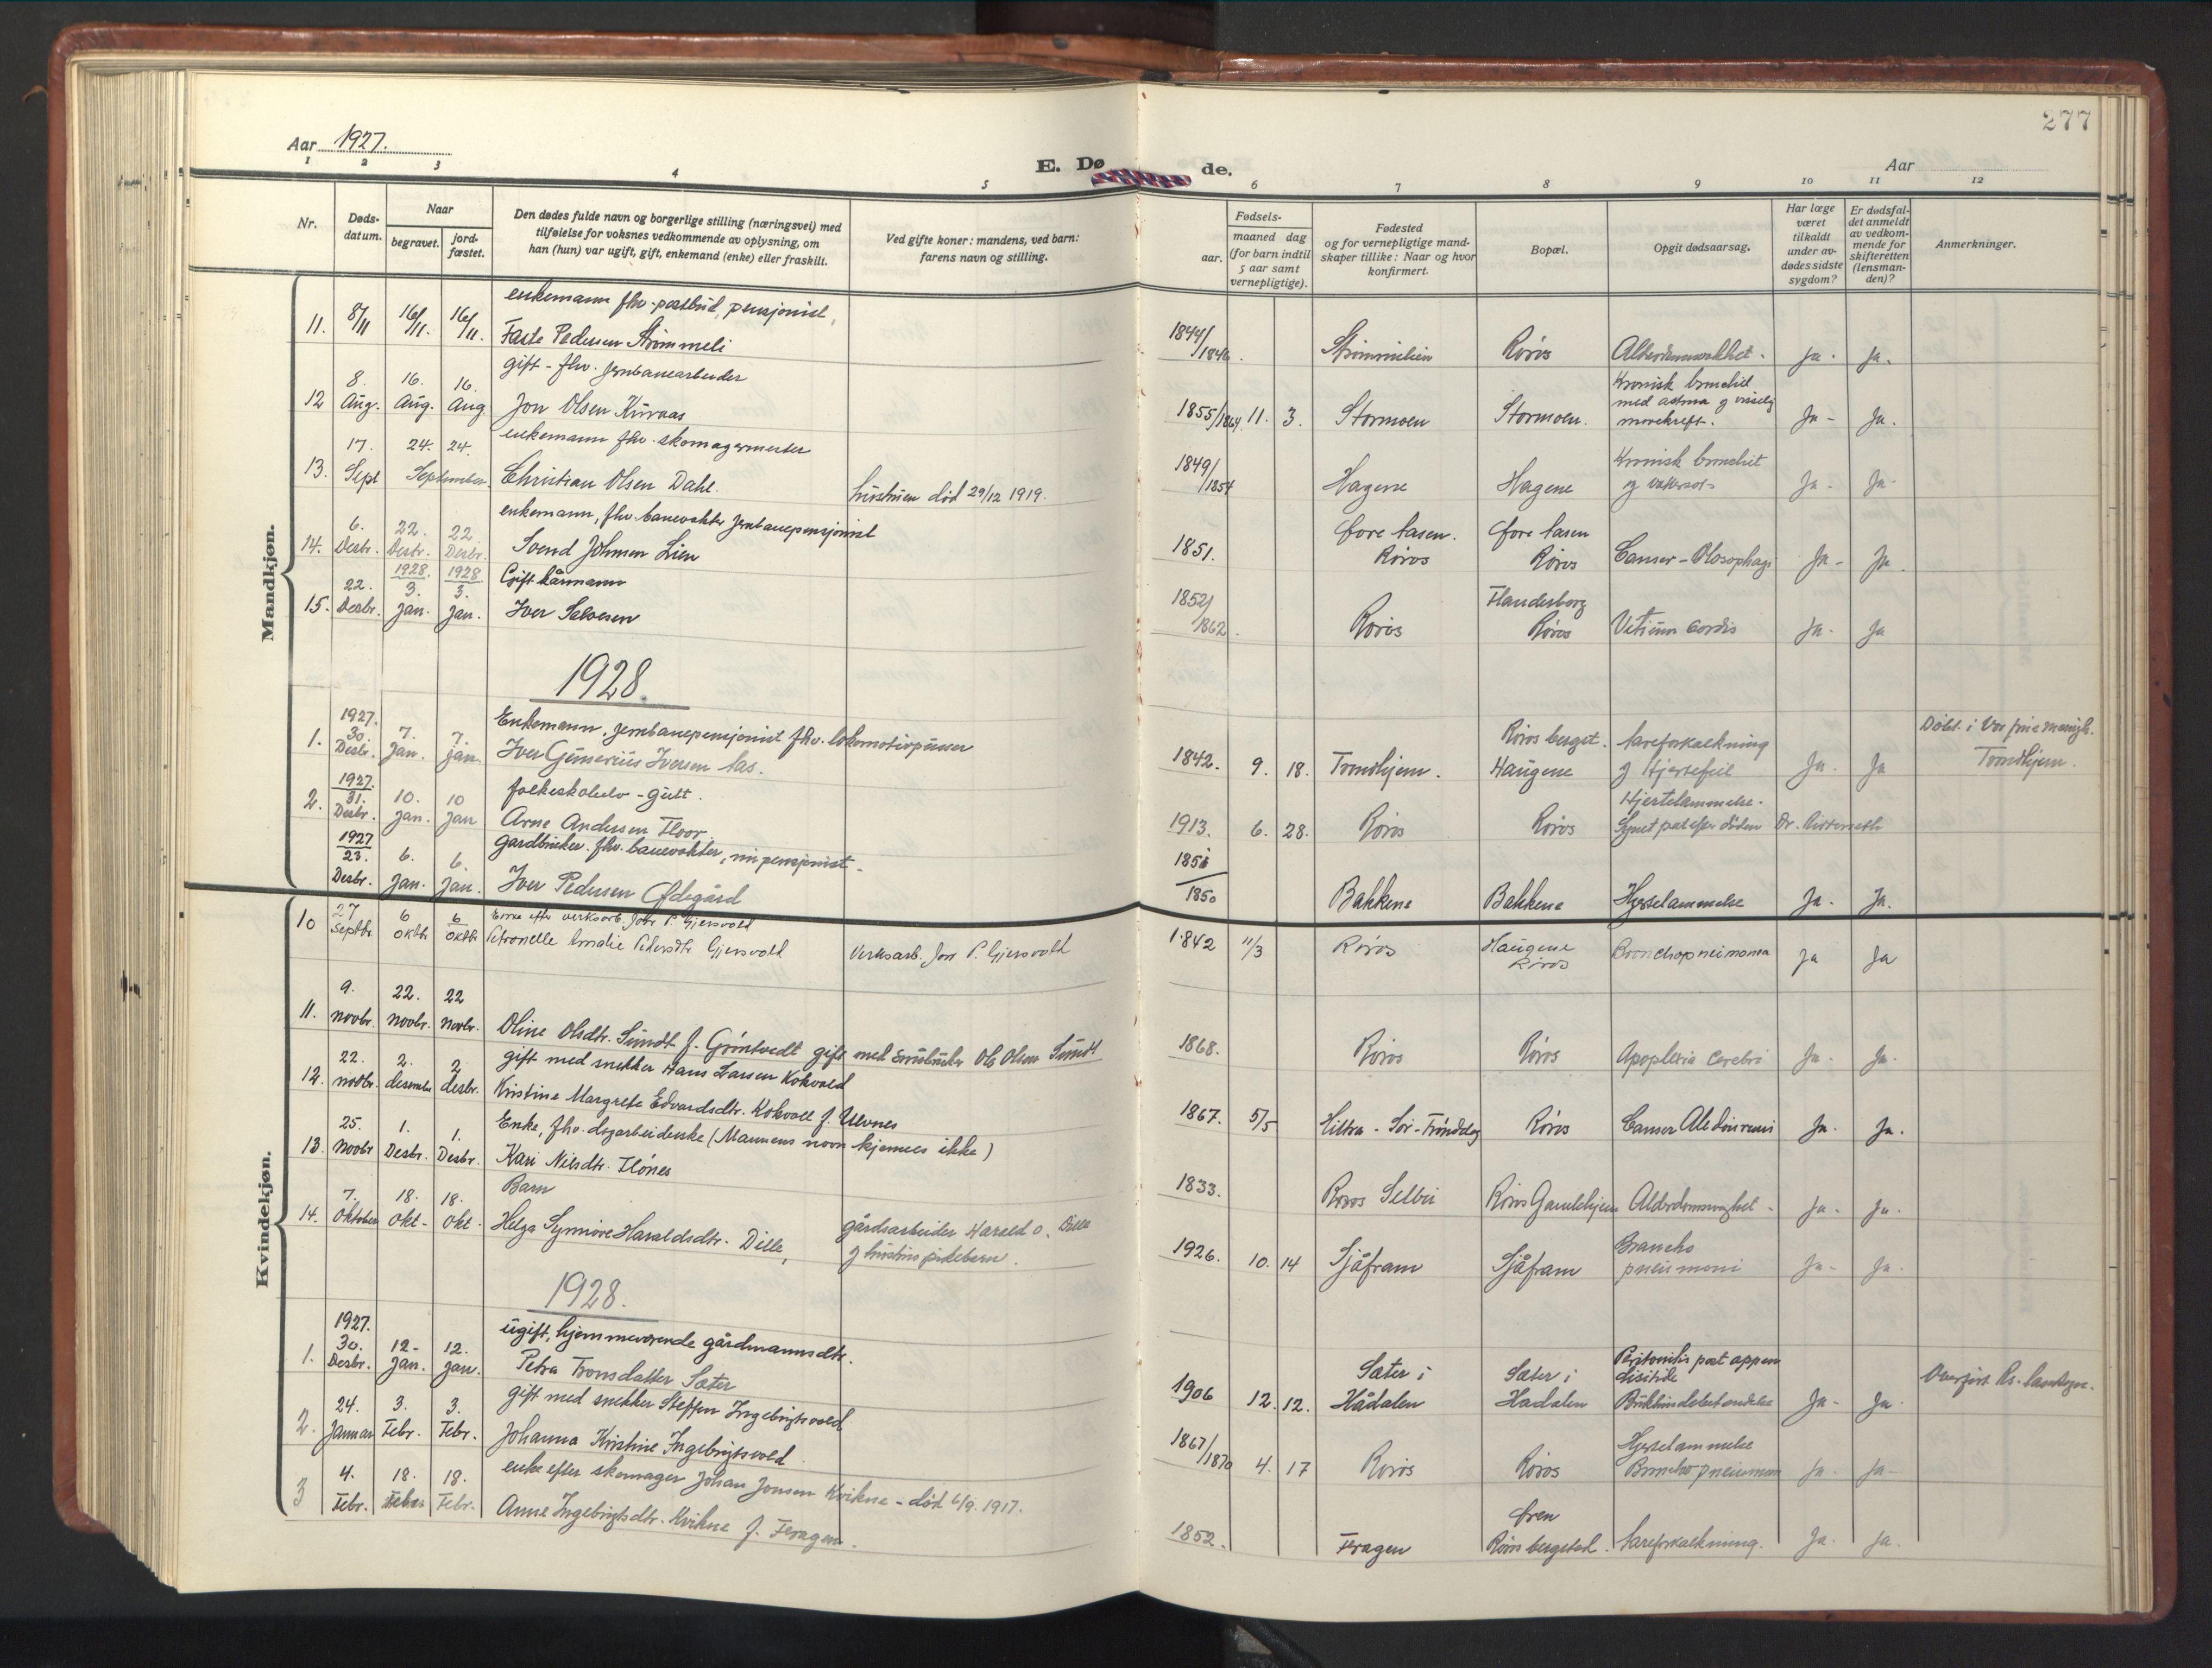 SAT, Ministerialprotokoller, klokkerbøker og fødselsregistre - Sør-Trøndelag, 681/L0943: Klokkerbok nr. 681C07, 1926-1954, s. 277